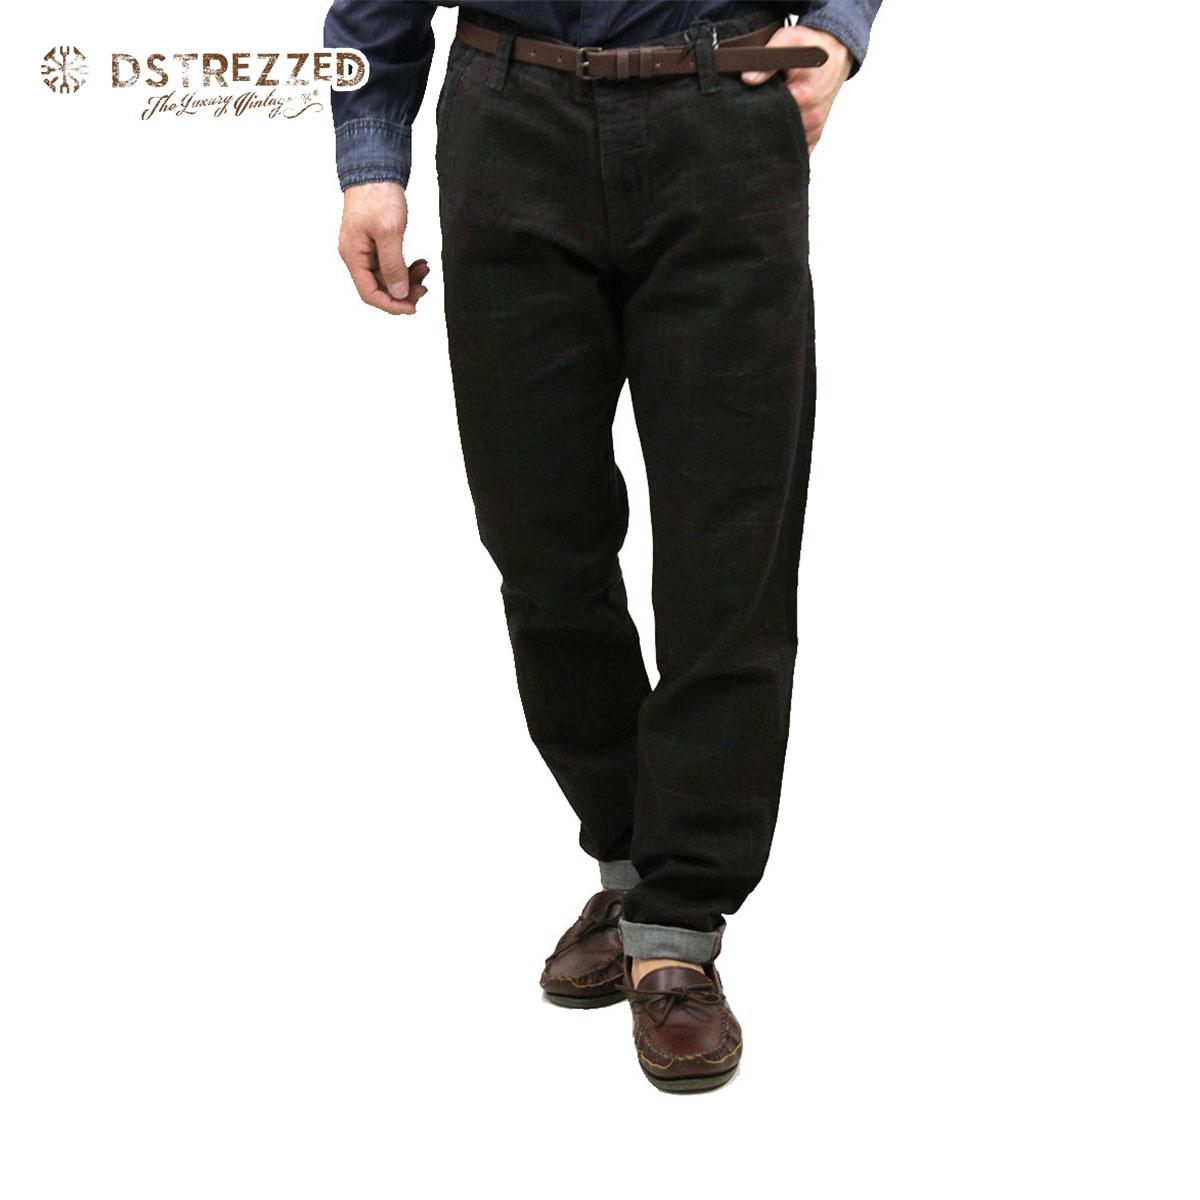 ディストレス DSTREZZED 正規販売店 メンズ チノパン Chino belt Flannel Tartan check 501159 13 D00S20